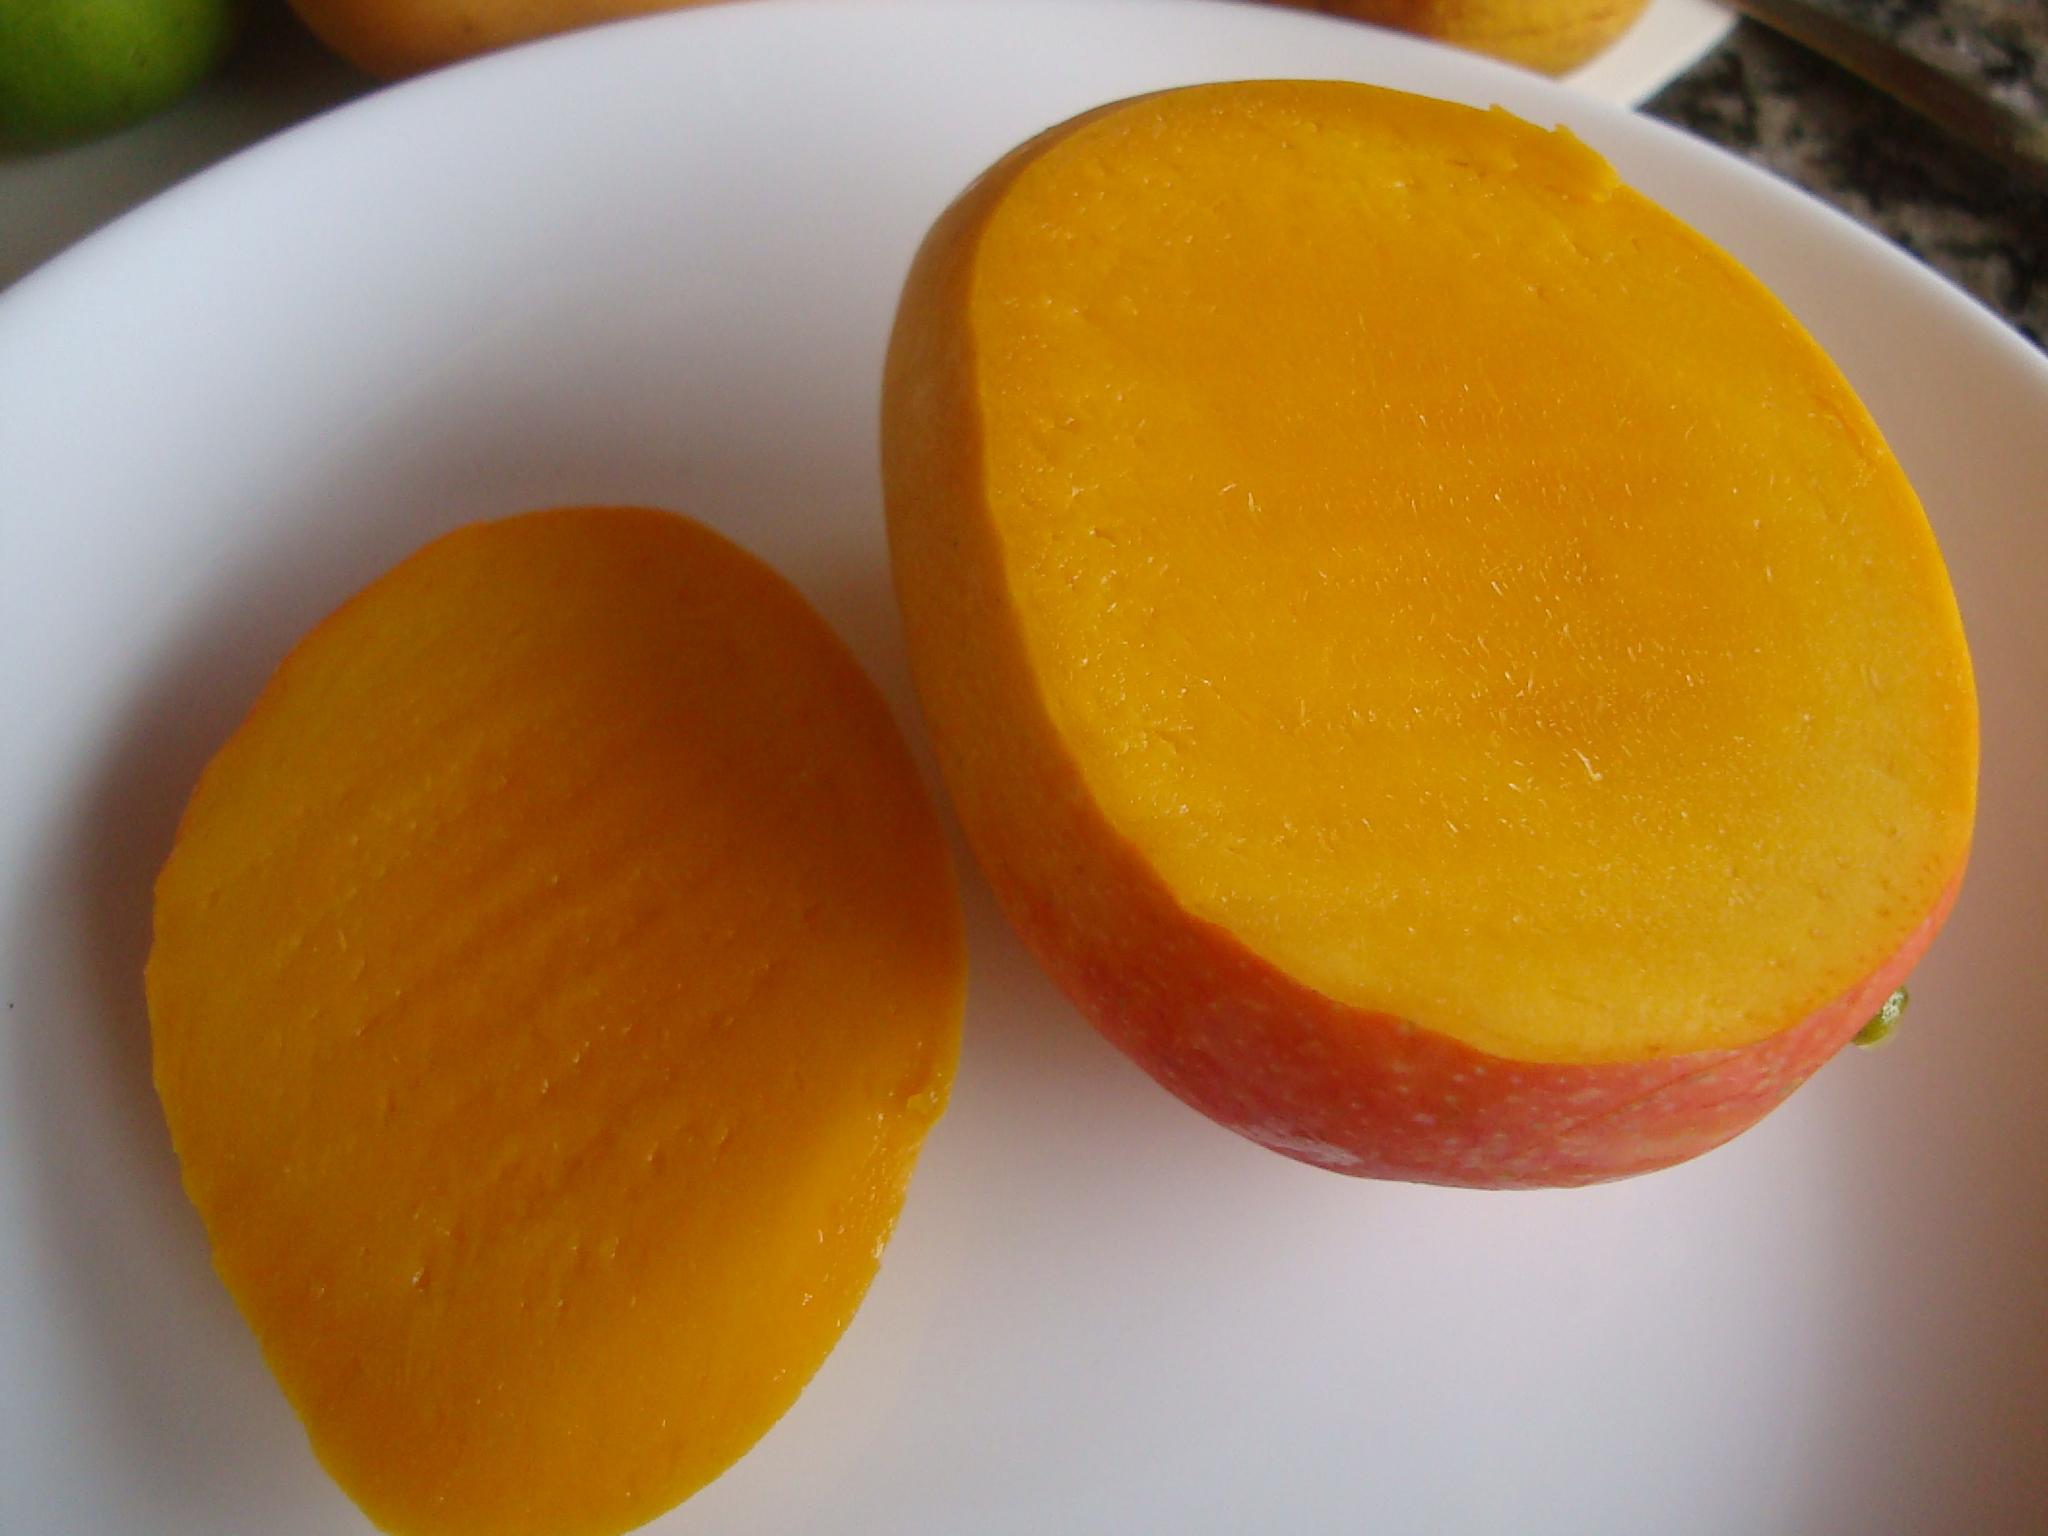 よく熟れたマンゴを切ったところ。思い出してもよだれが(´ε` )♥